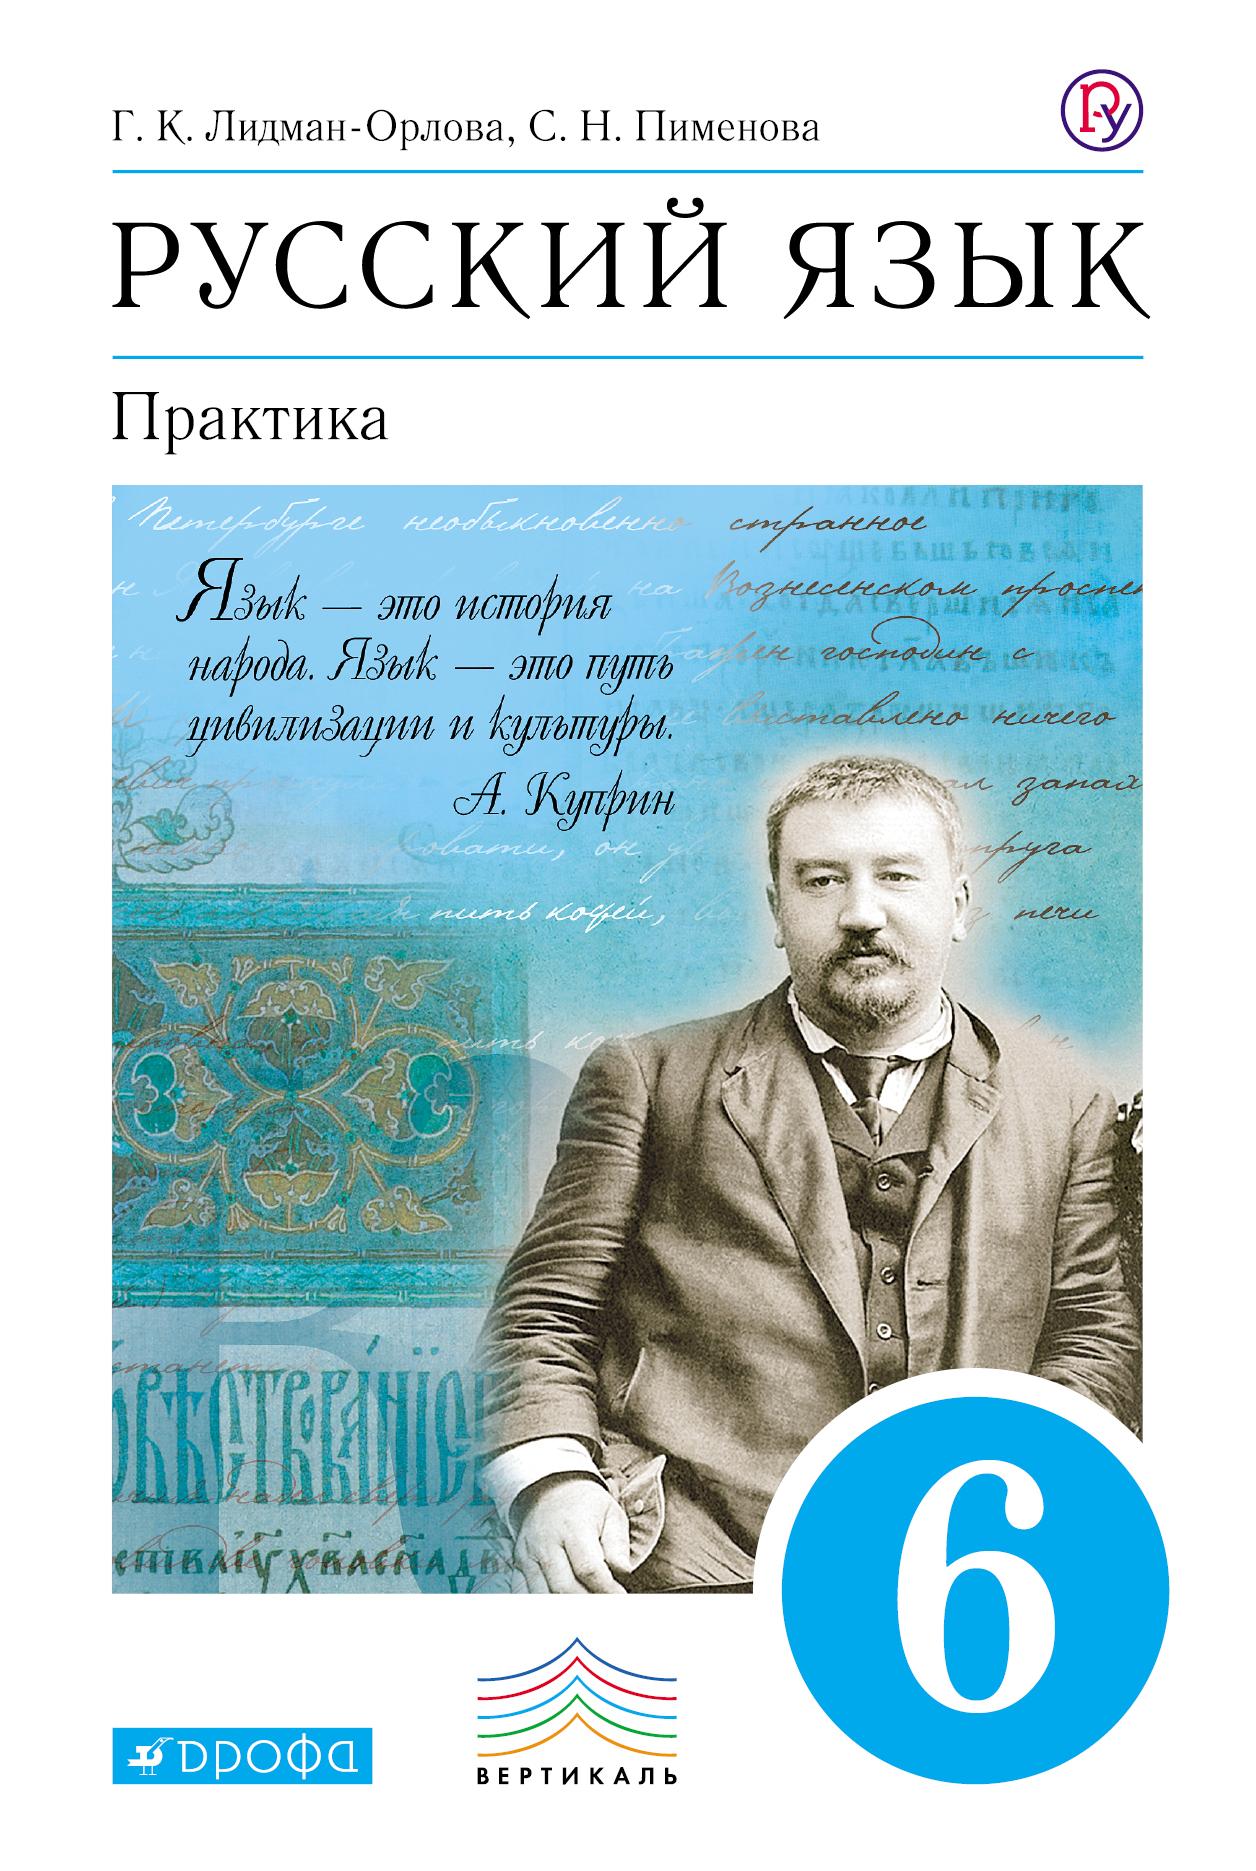 Решебник по русскому языку 6 класс купалова 22 фотография